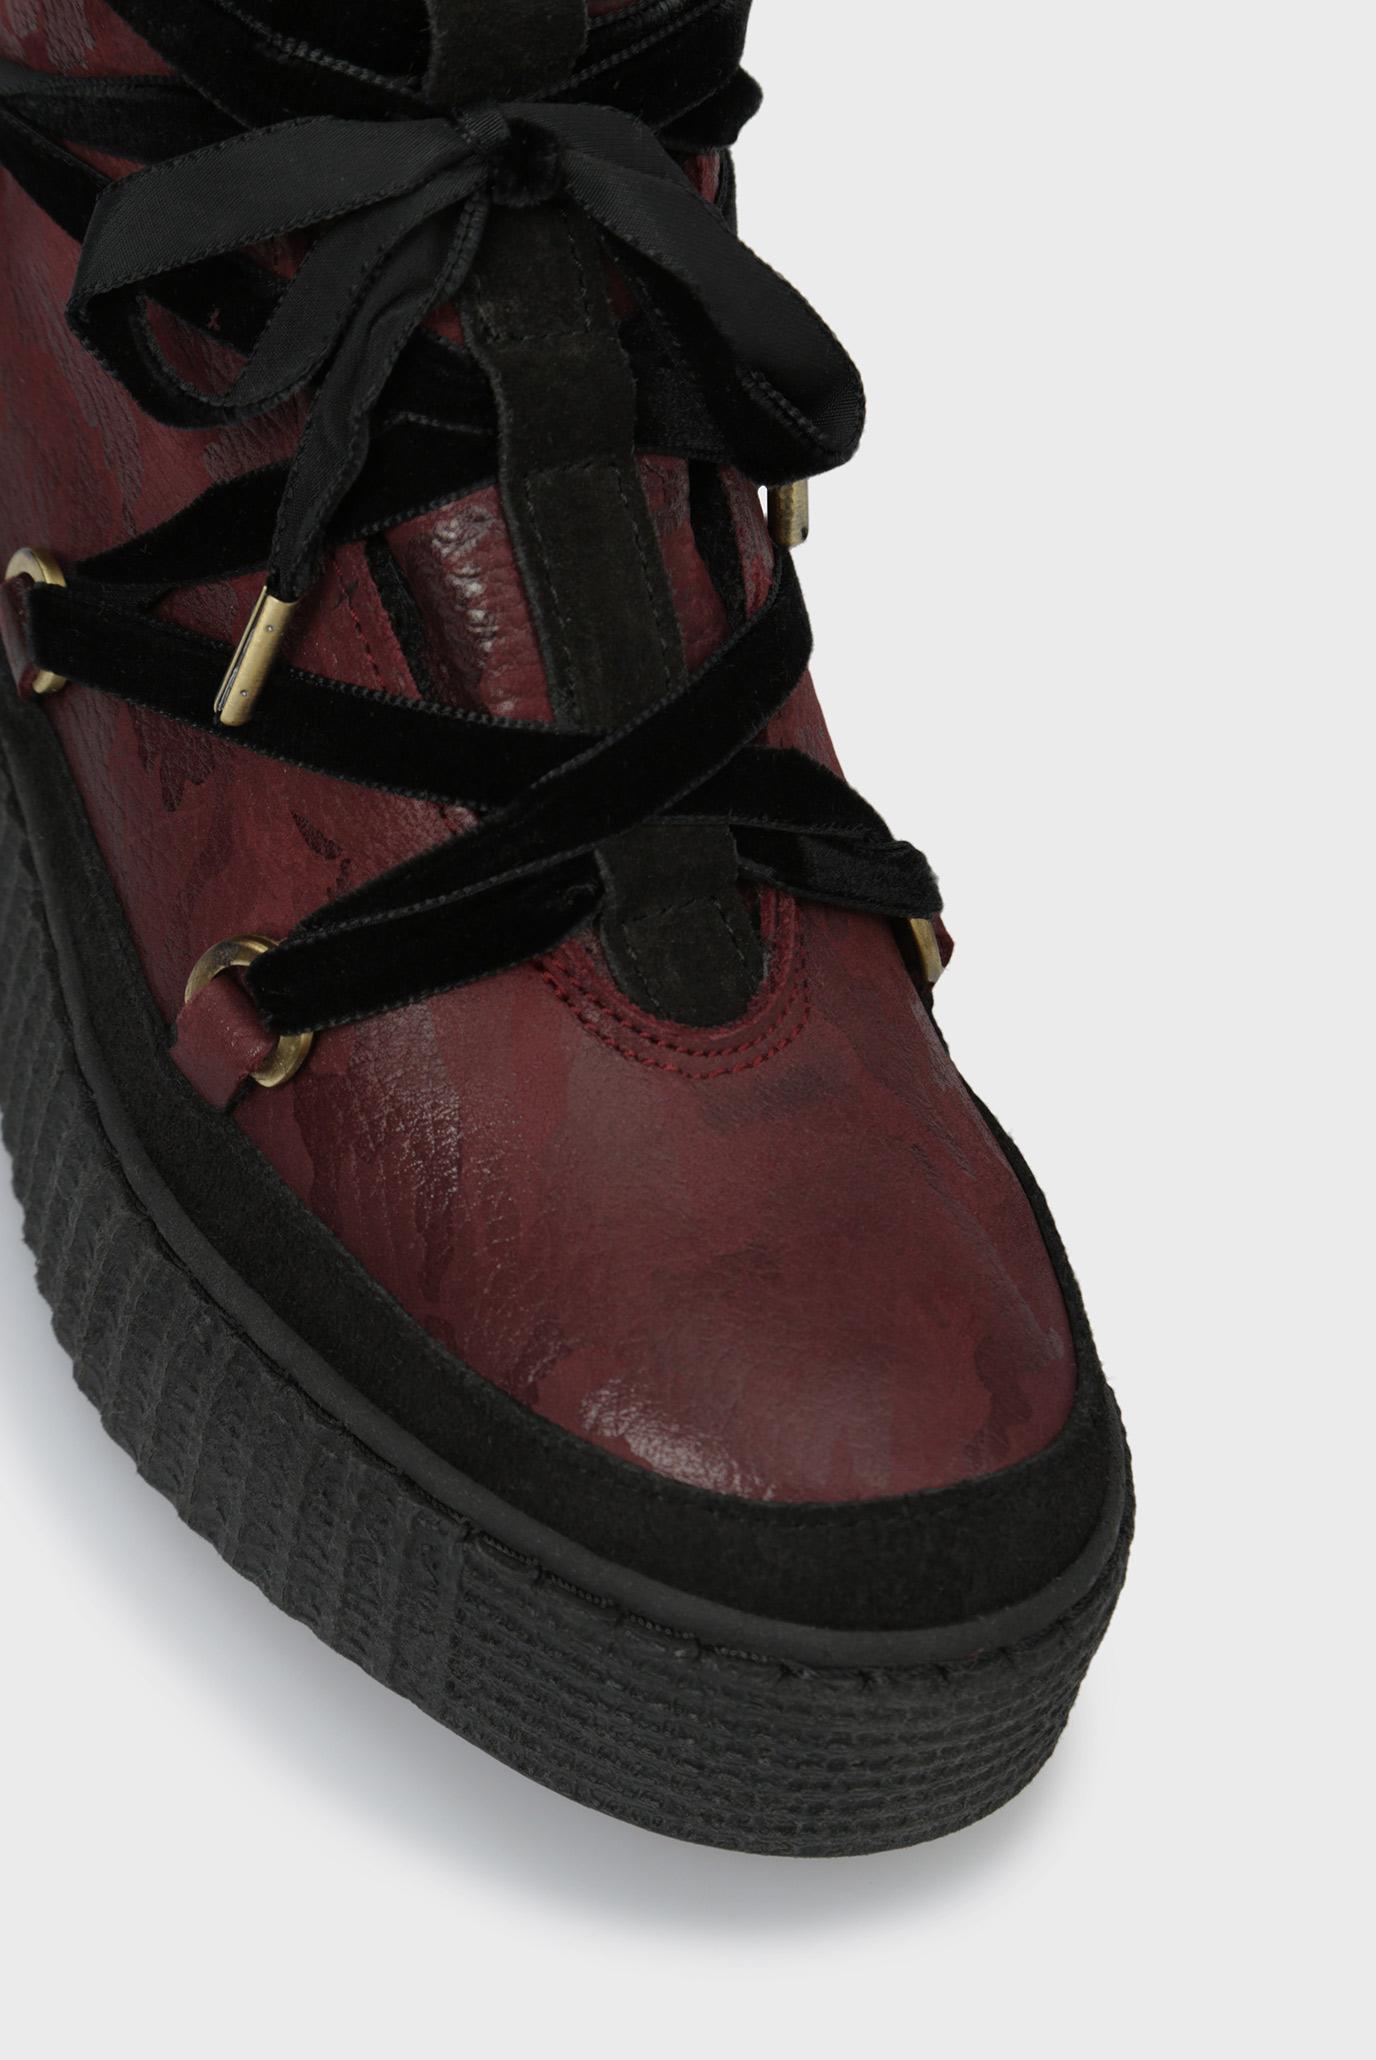 Купить Женские бордовые кожаные ботинки COZY WARMLINED Tommy Hilfiger Tommy Hilfiger FW0FW03436 – Киев, Украина. Цены в интернет магазине MD Fashion